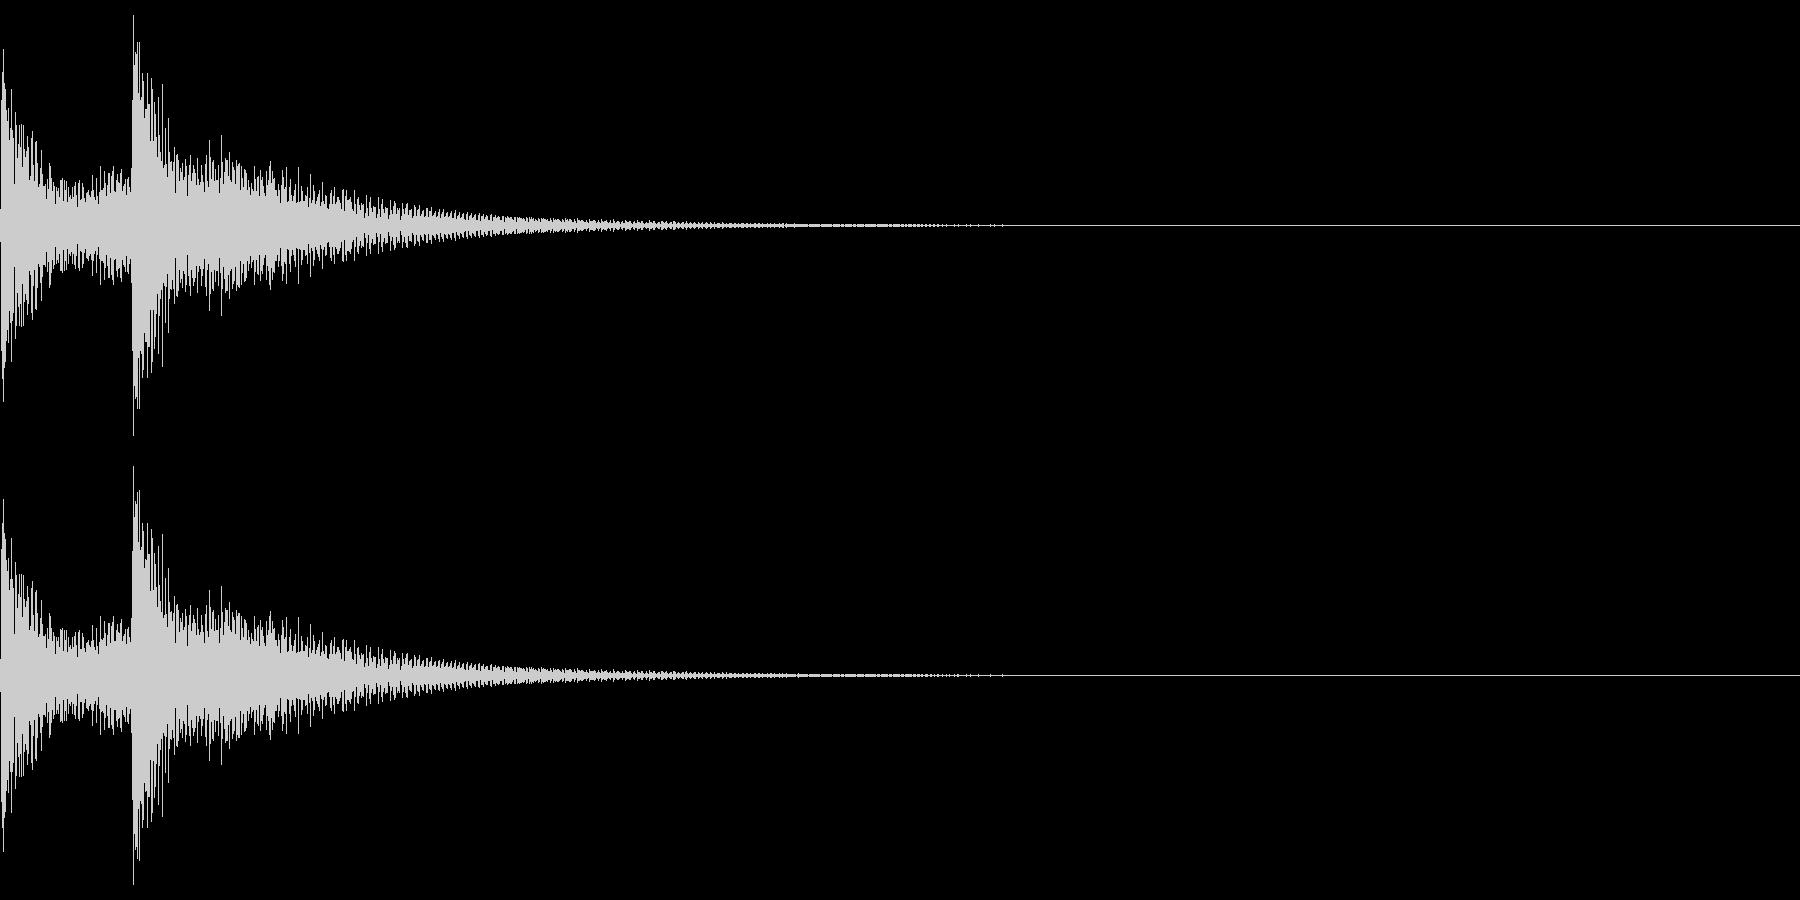 三味線フレーズ02(テロン)の未再生の波形